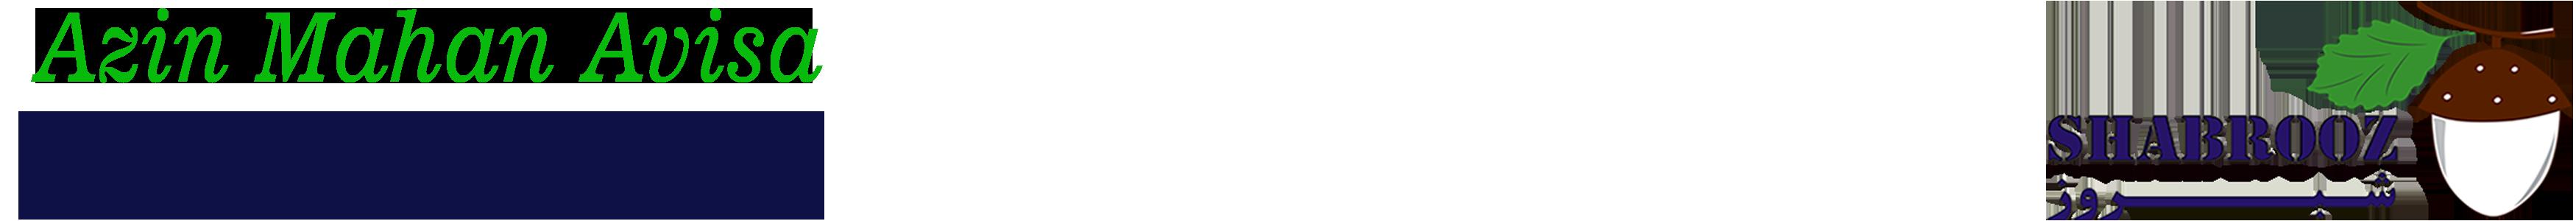 آذین ماهان آویسا-تولید کننده فویل طلاکوب